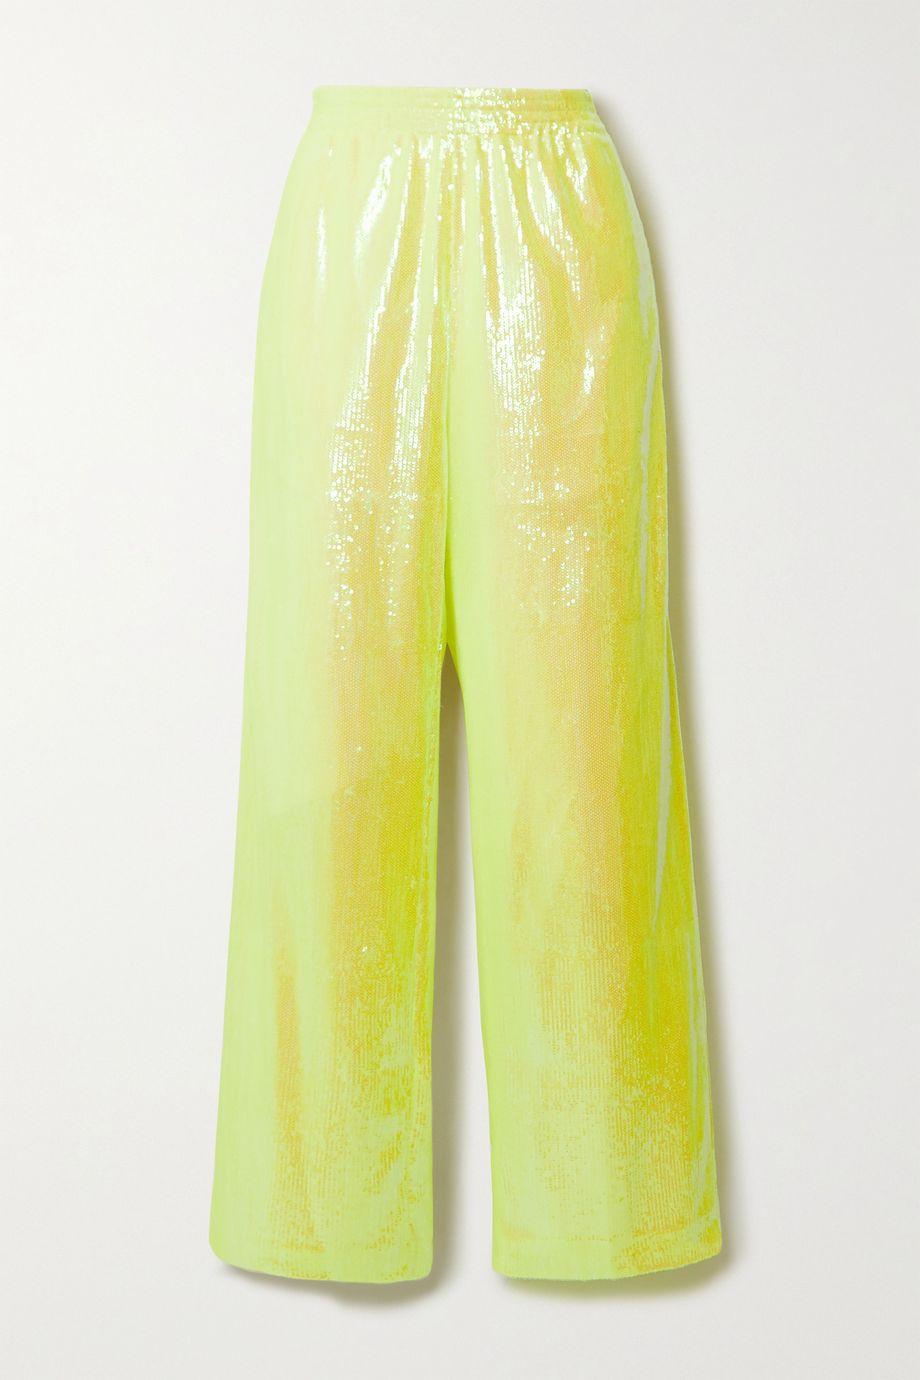 MM6 Maison Margiela Hose mit weitem Bein aus Mesh mit Pailletten